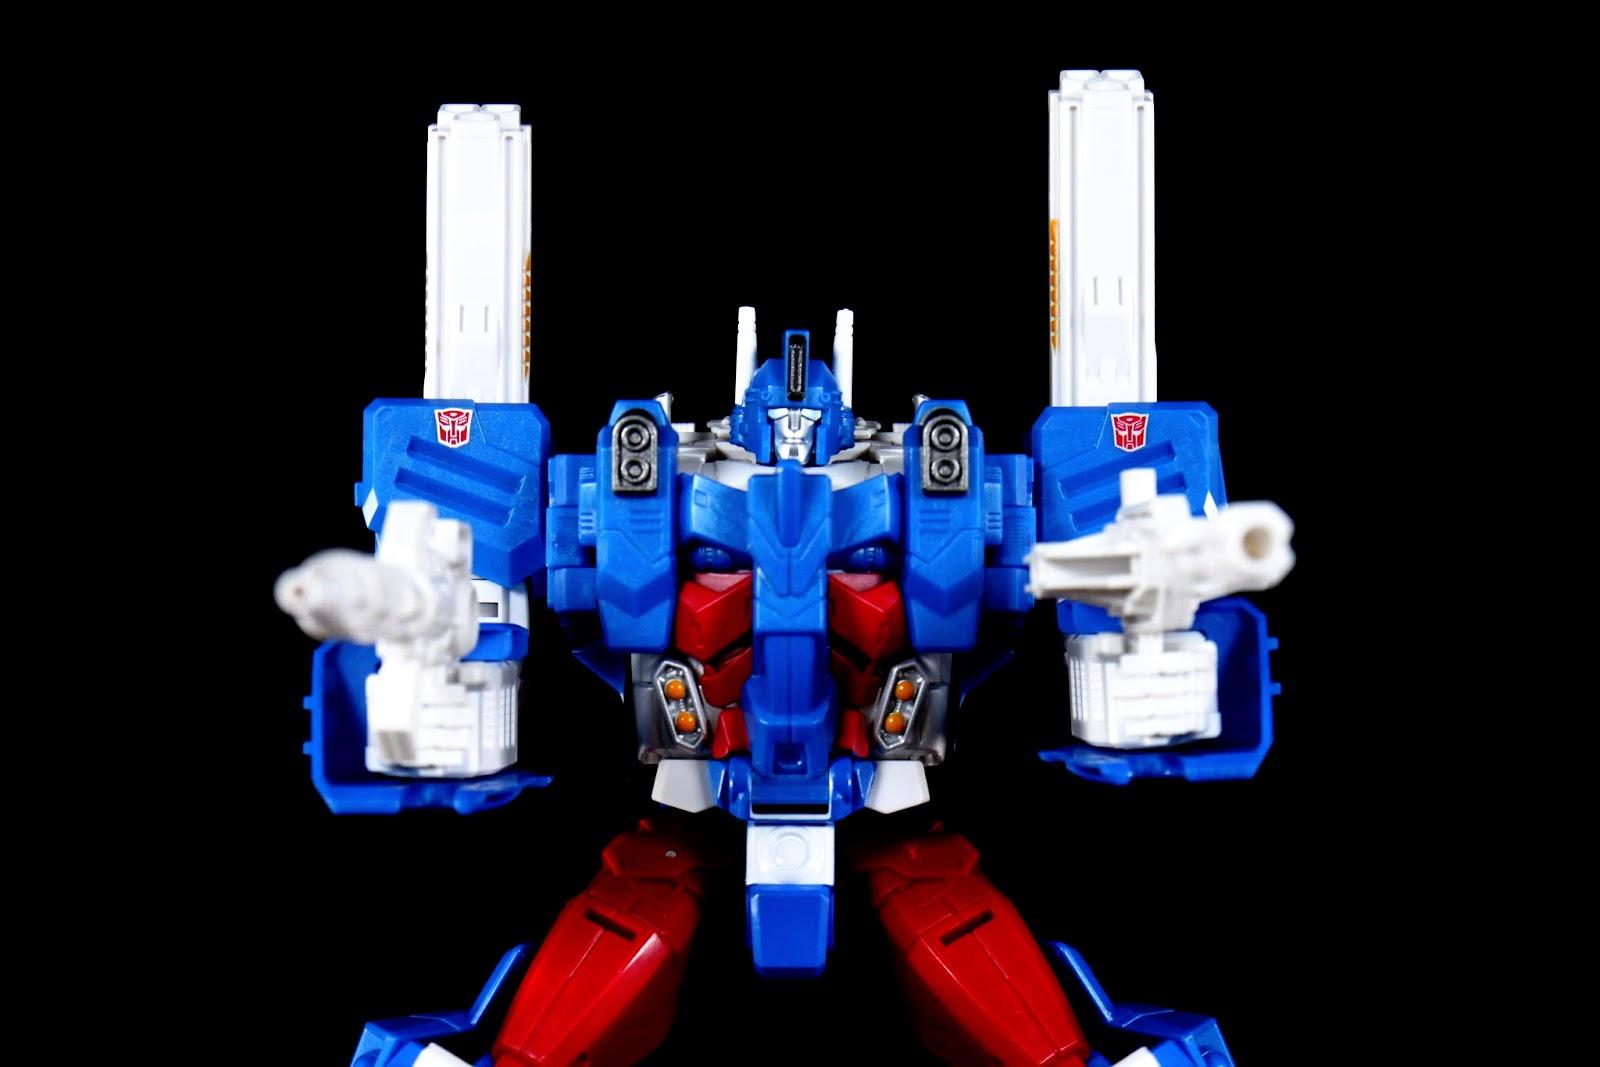 雙槍射擊!但最明顯的還是那兩根突出肩膀,特色嘛!